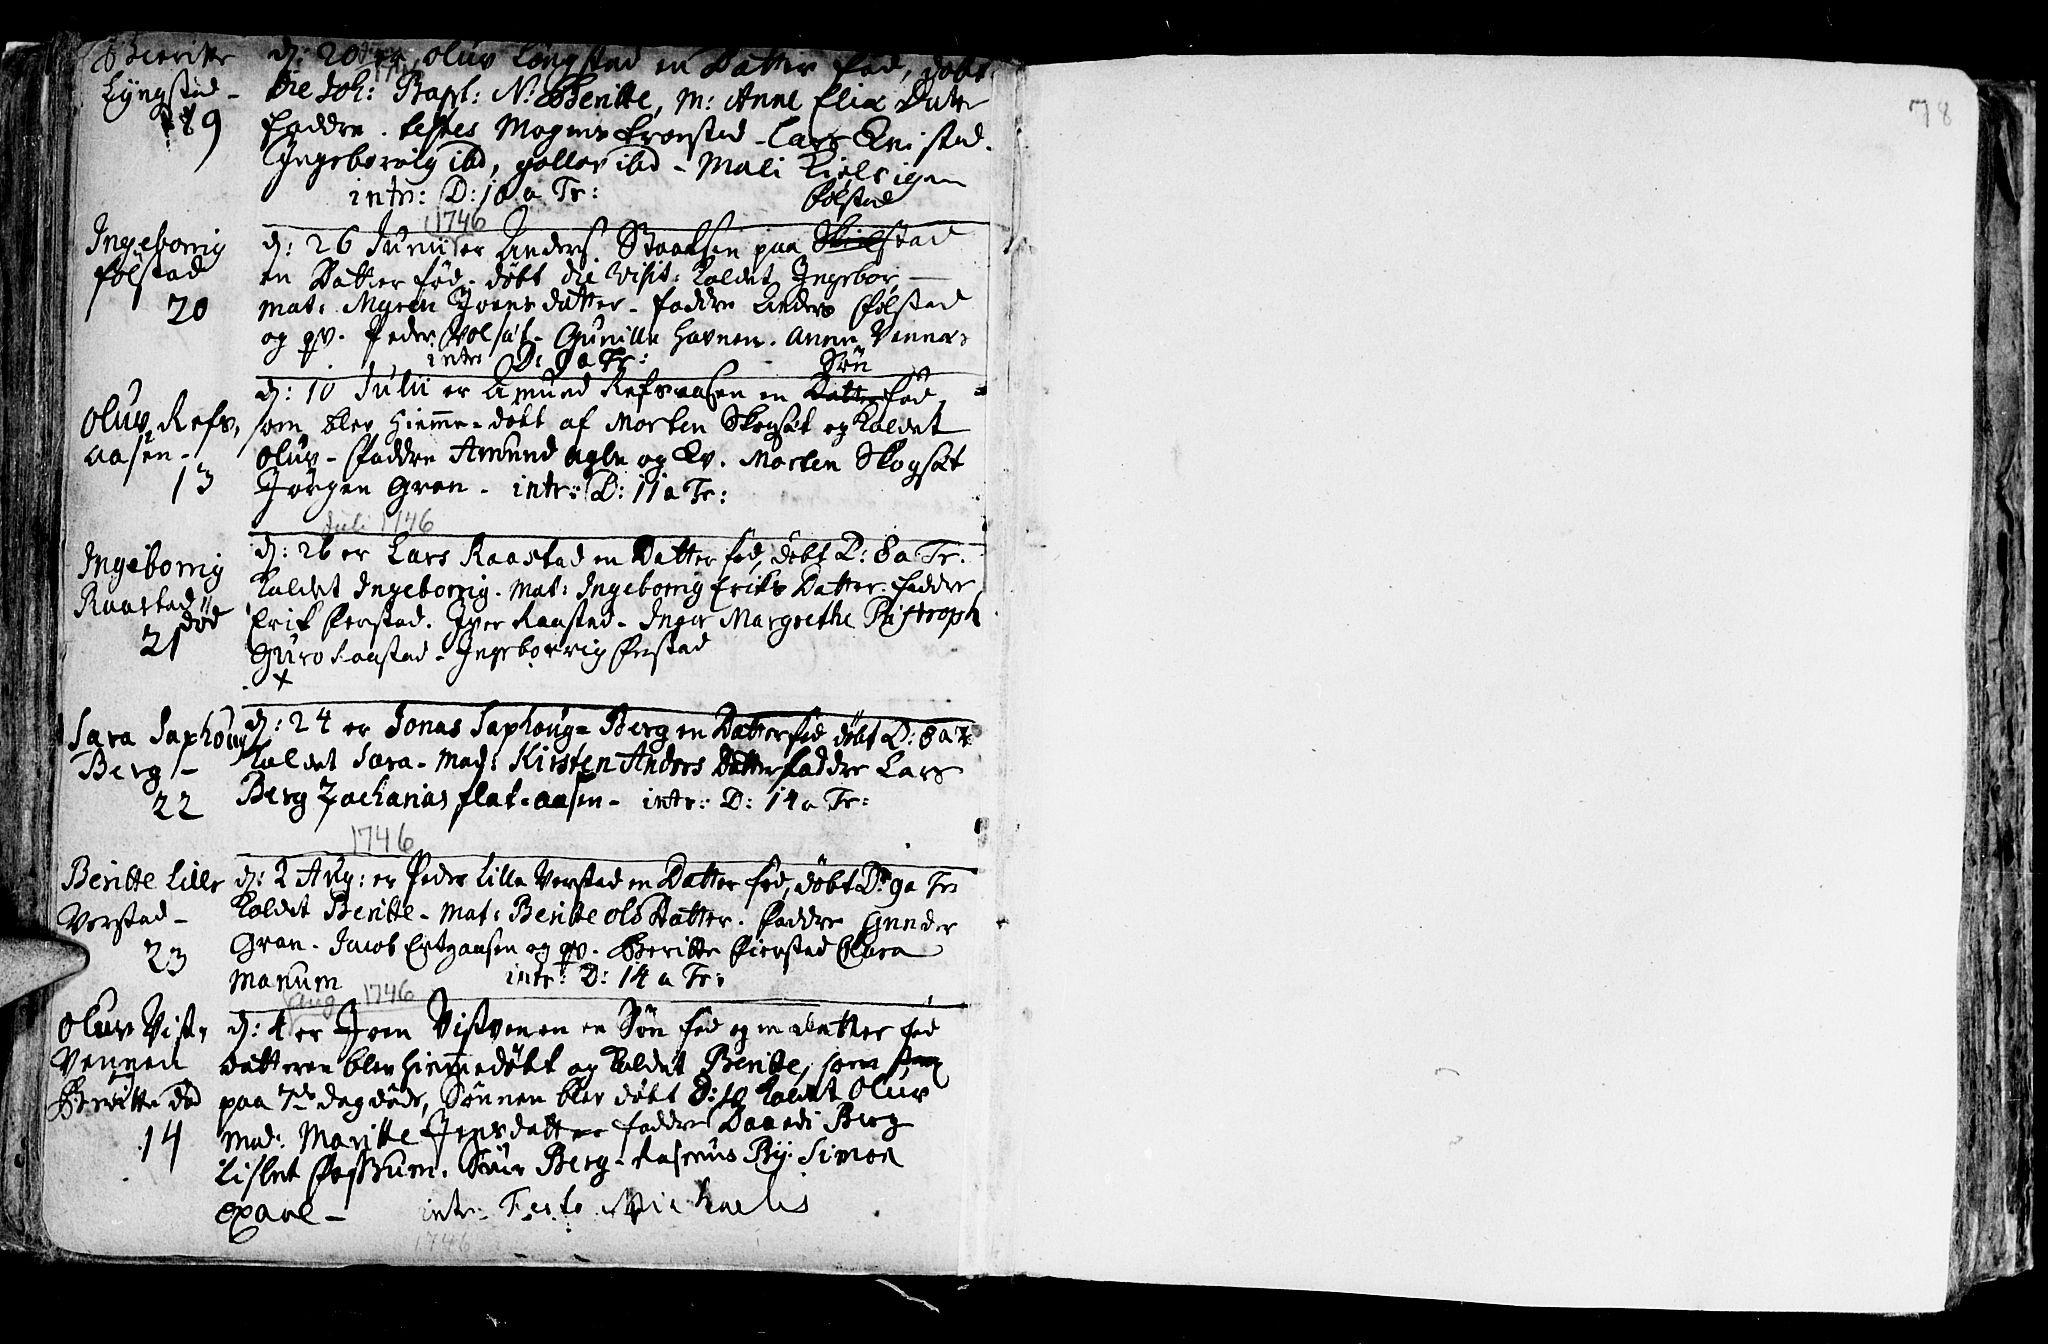 SAT, Ministerialprotokoller, klokkerbøker og fødselsregistre - Nord-Trøndelag, 730/L0272: Parish register (official) no. 730A01, 1733-1764, p. 78